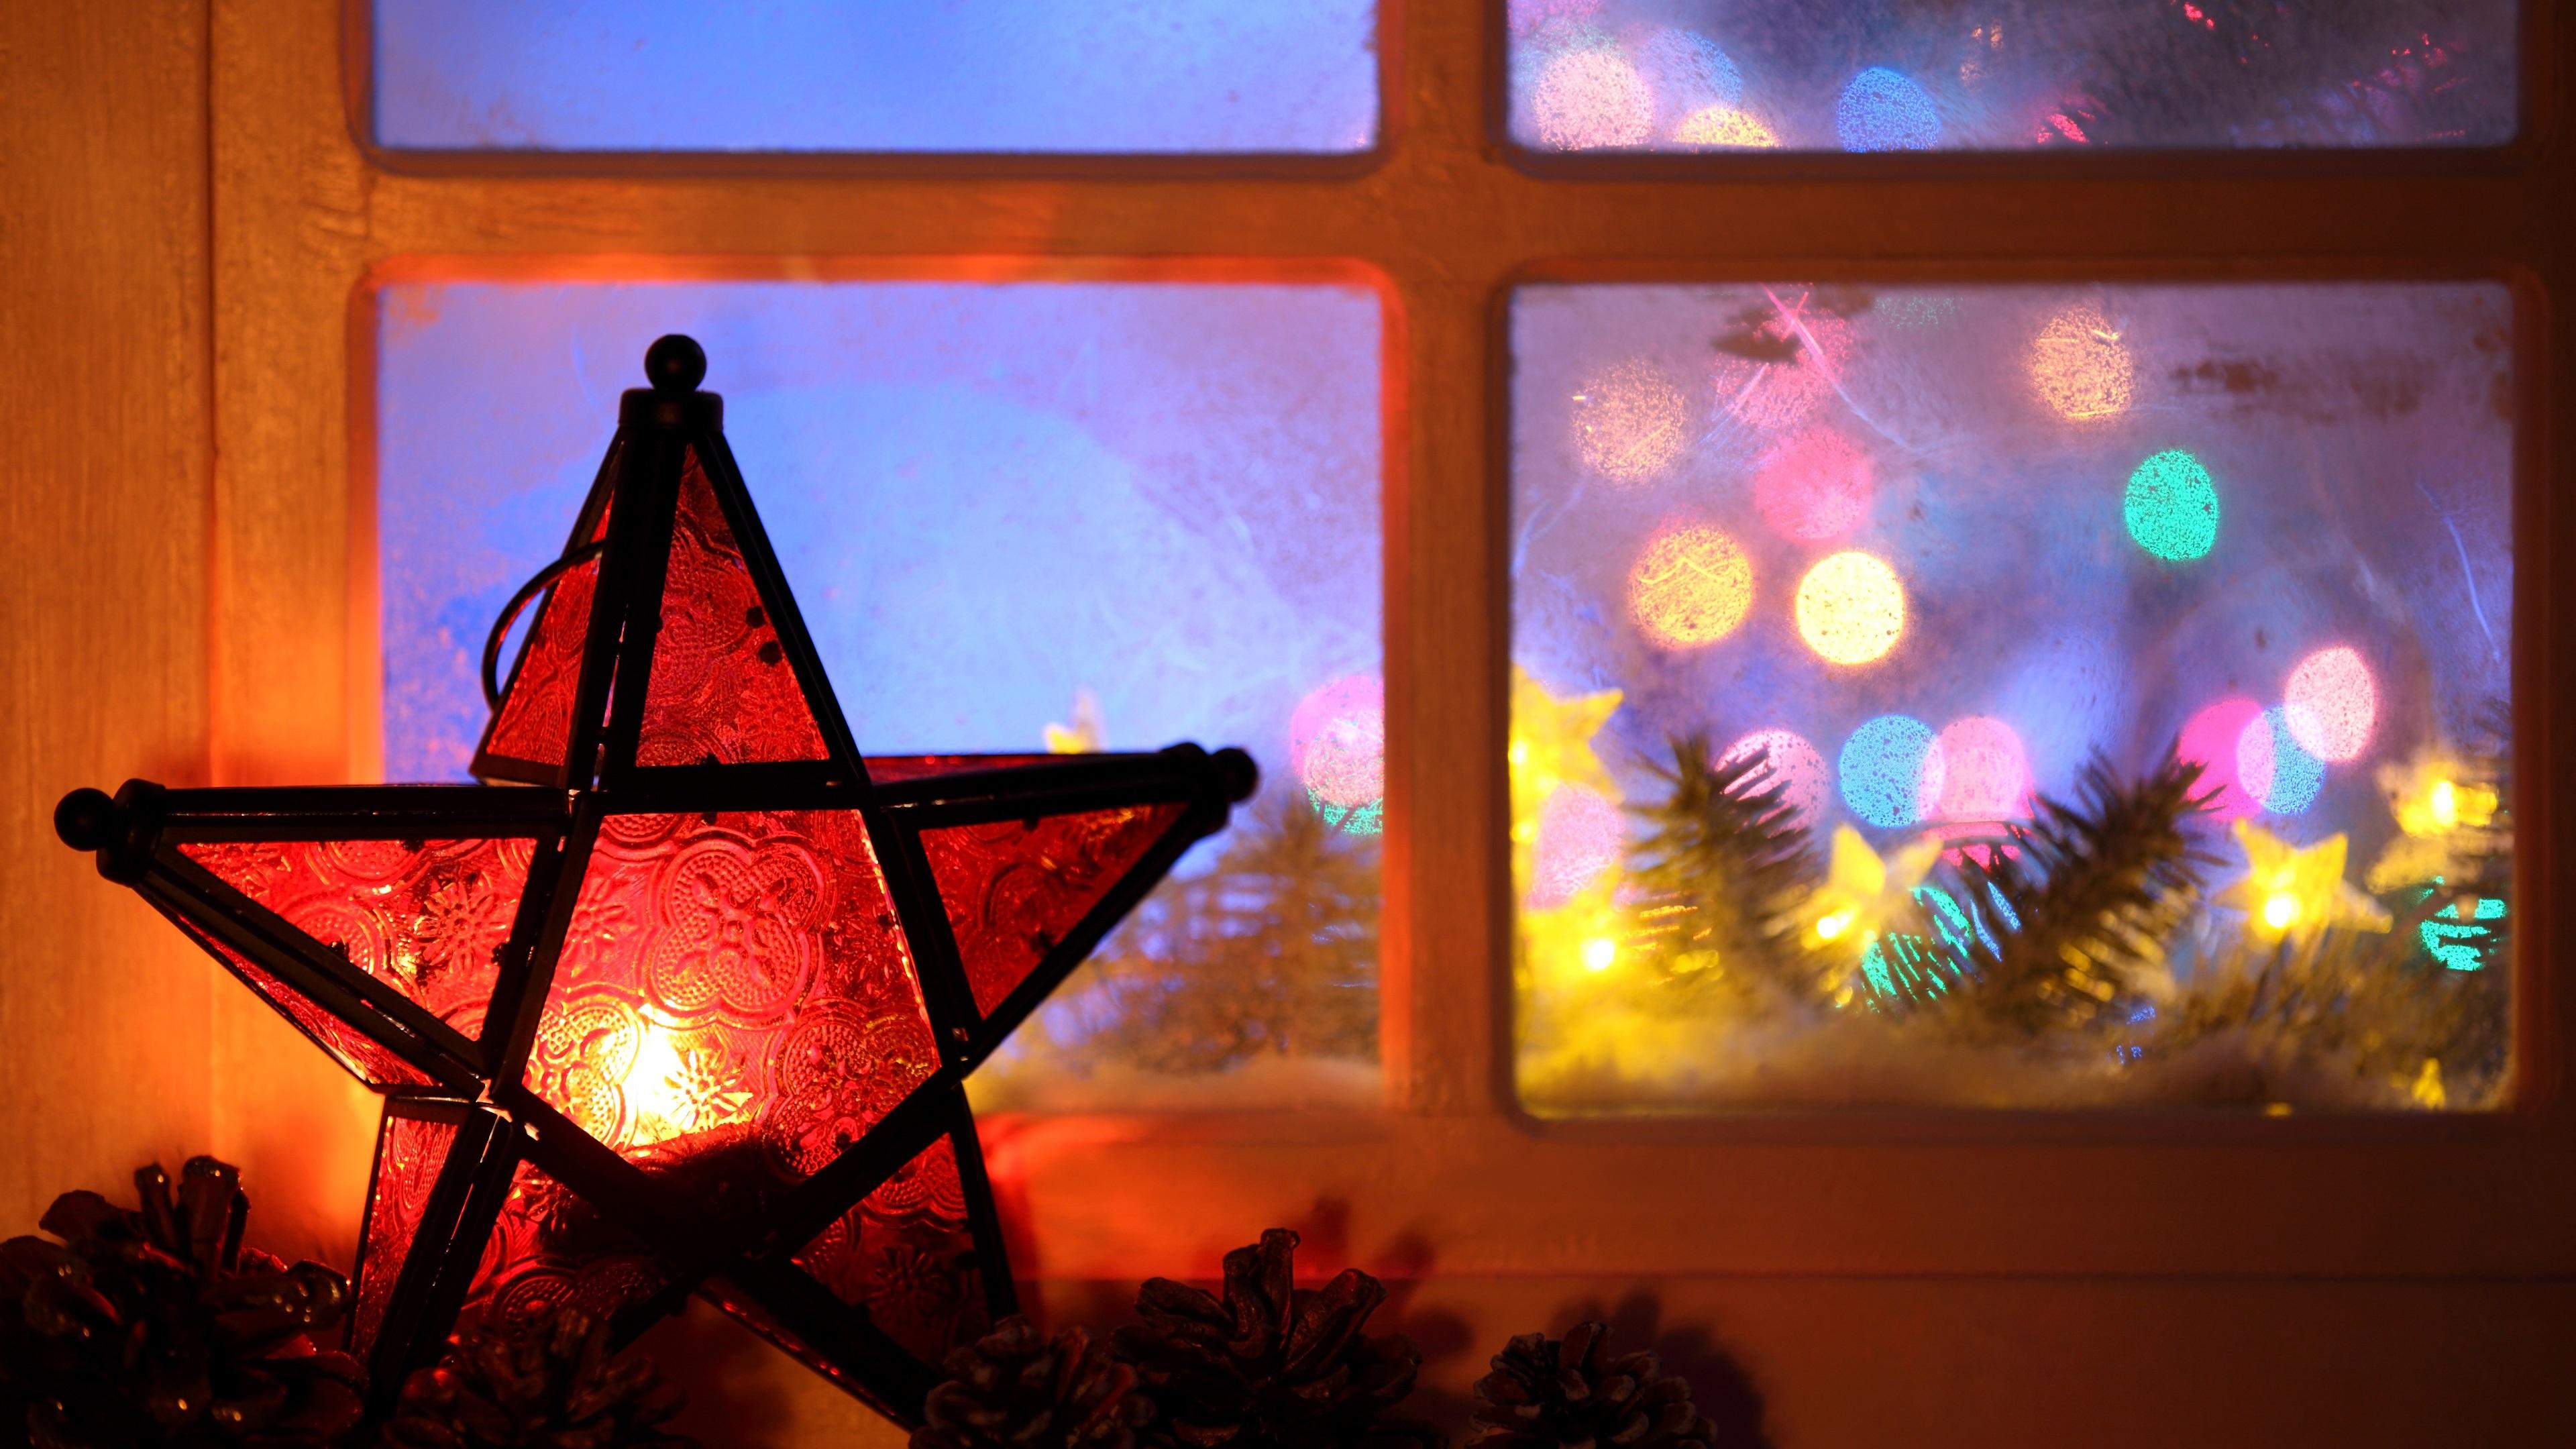 Neujahr Weihnachten 2017 Lichter Kerze F 252 Nfzackigen